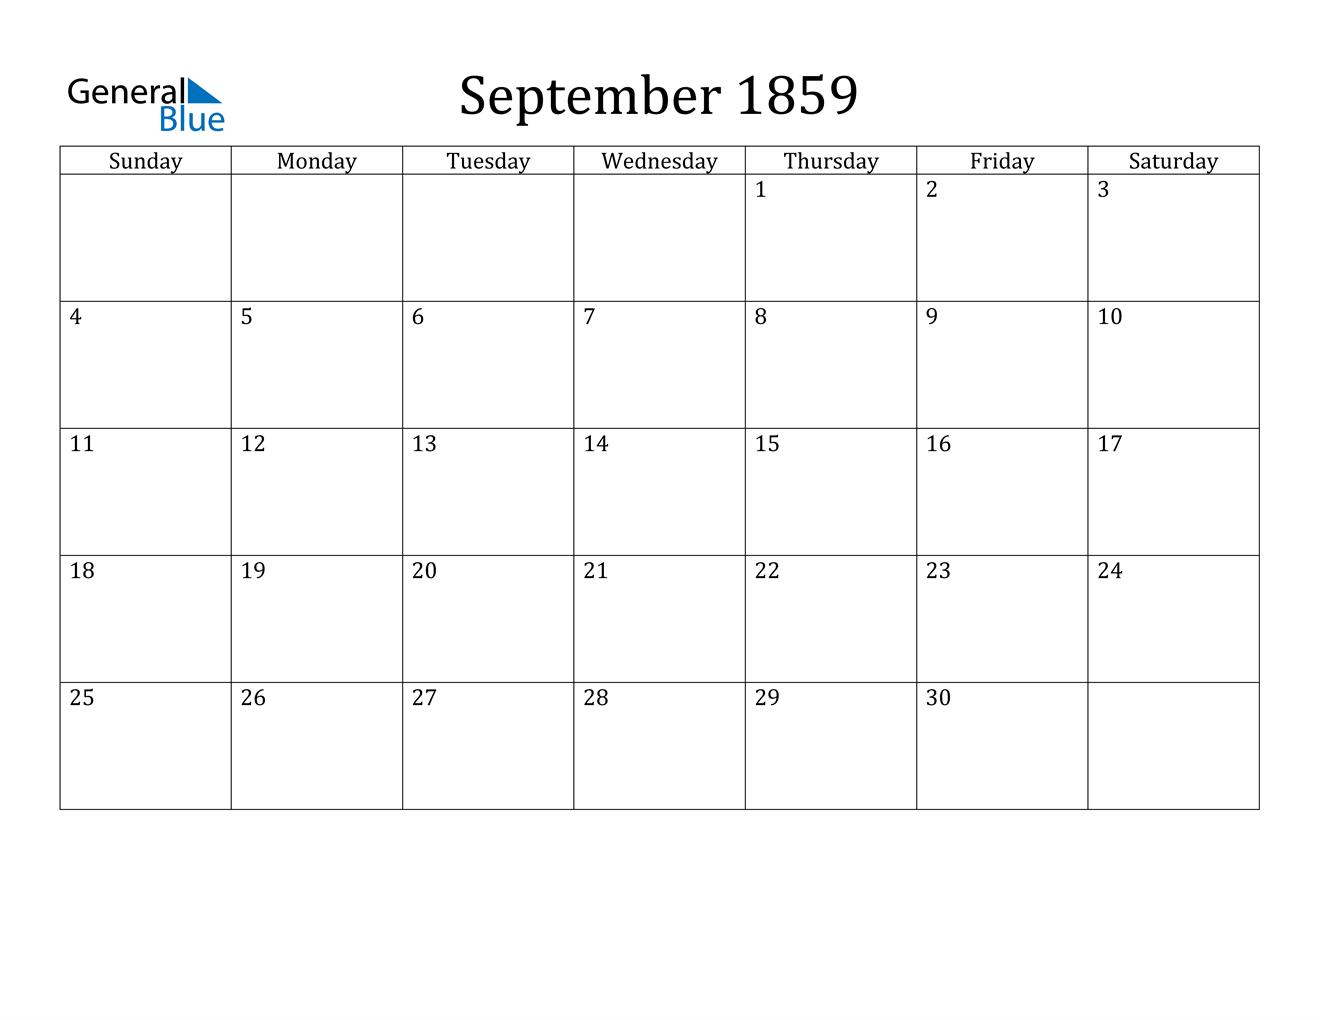 Image of September 1859 Calendar